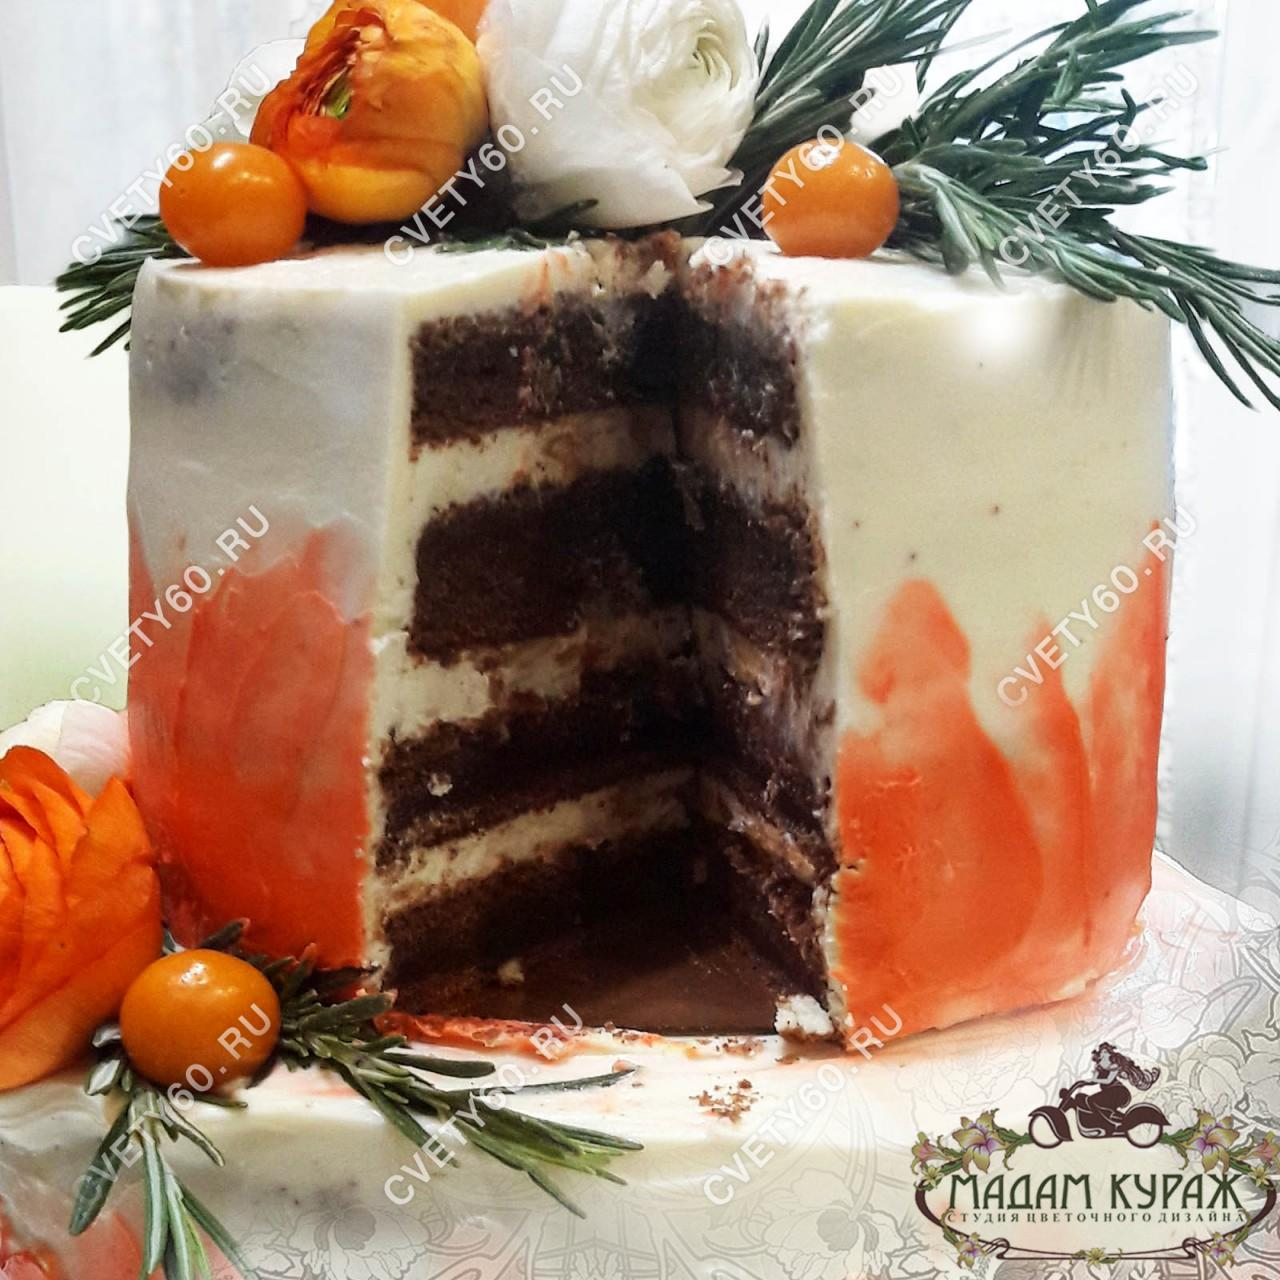 """Двухъярусный торт в Пскове, начинка """"Сникерс"""" (это солёная карамель с жаренным арахисом и нежнейшим сливочно-сырным кремом) украшенный живыми цветами."""